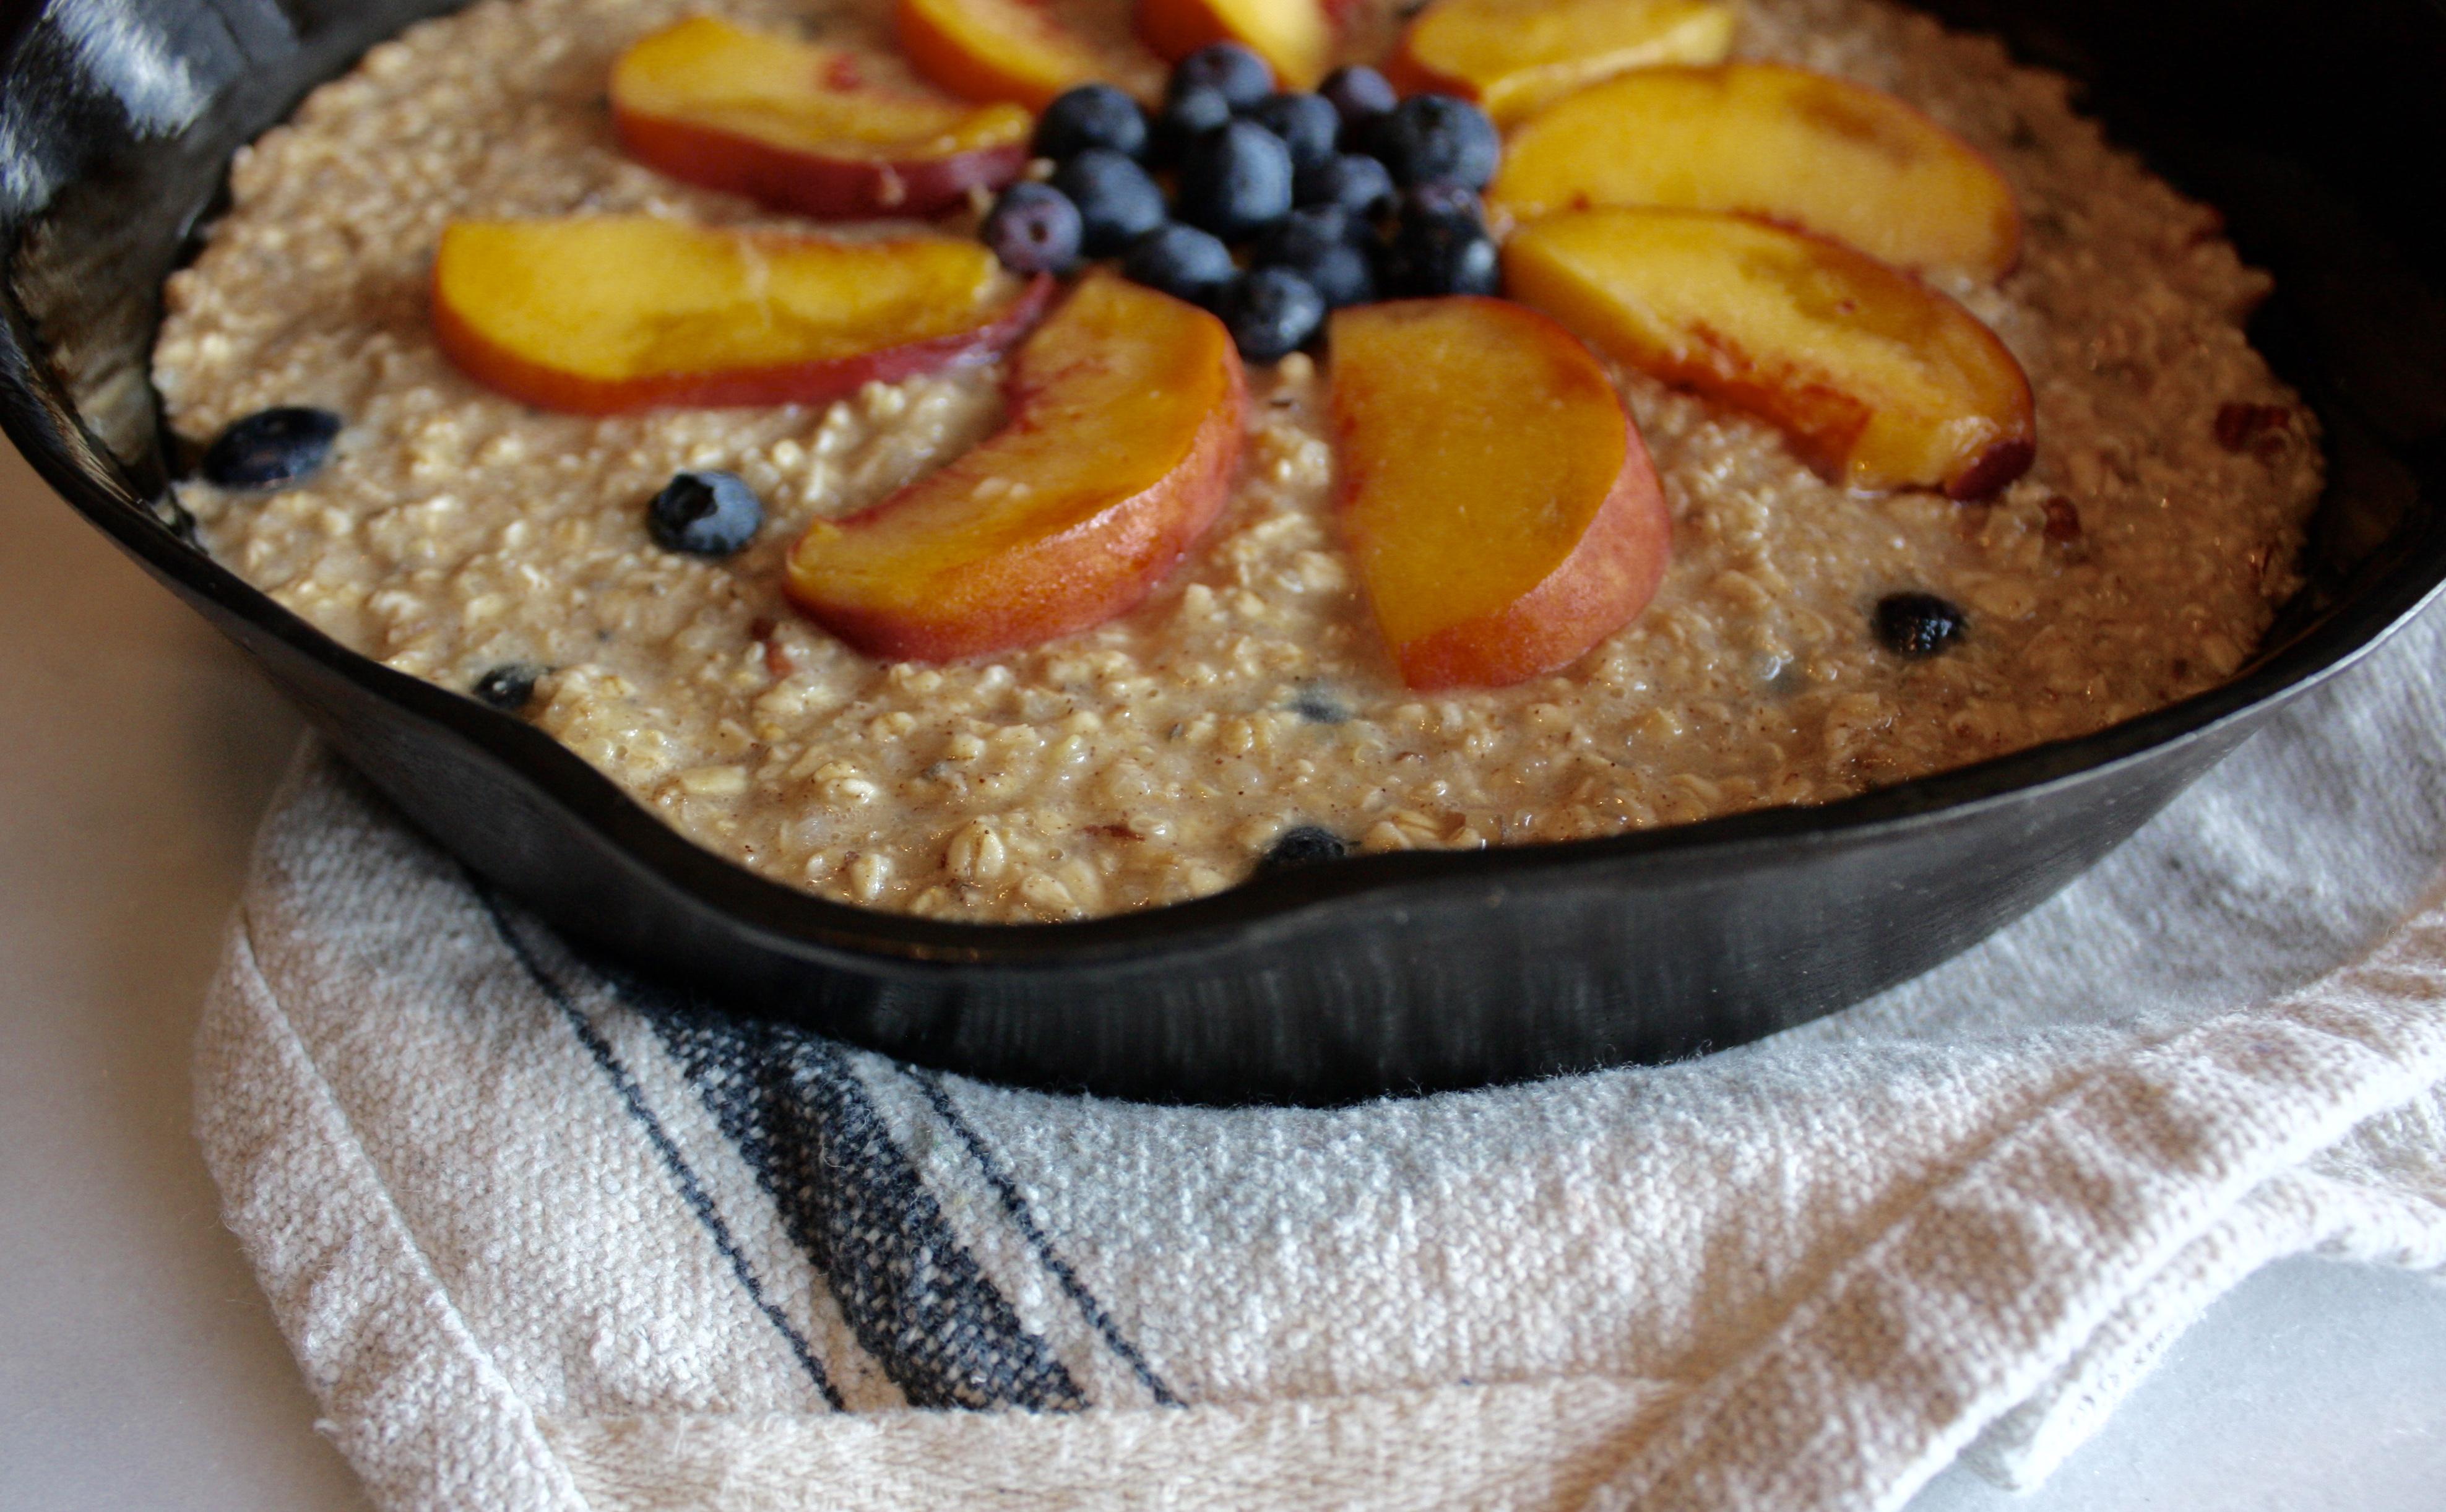 Skillet Bake with Fruit & Oats